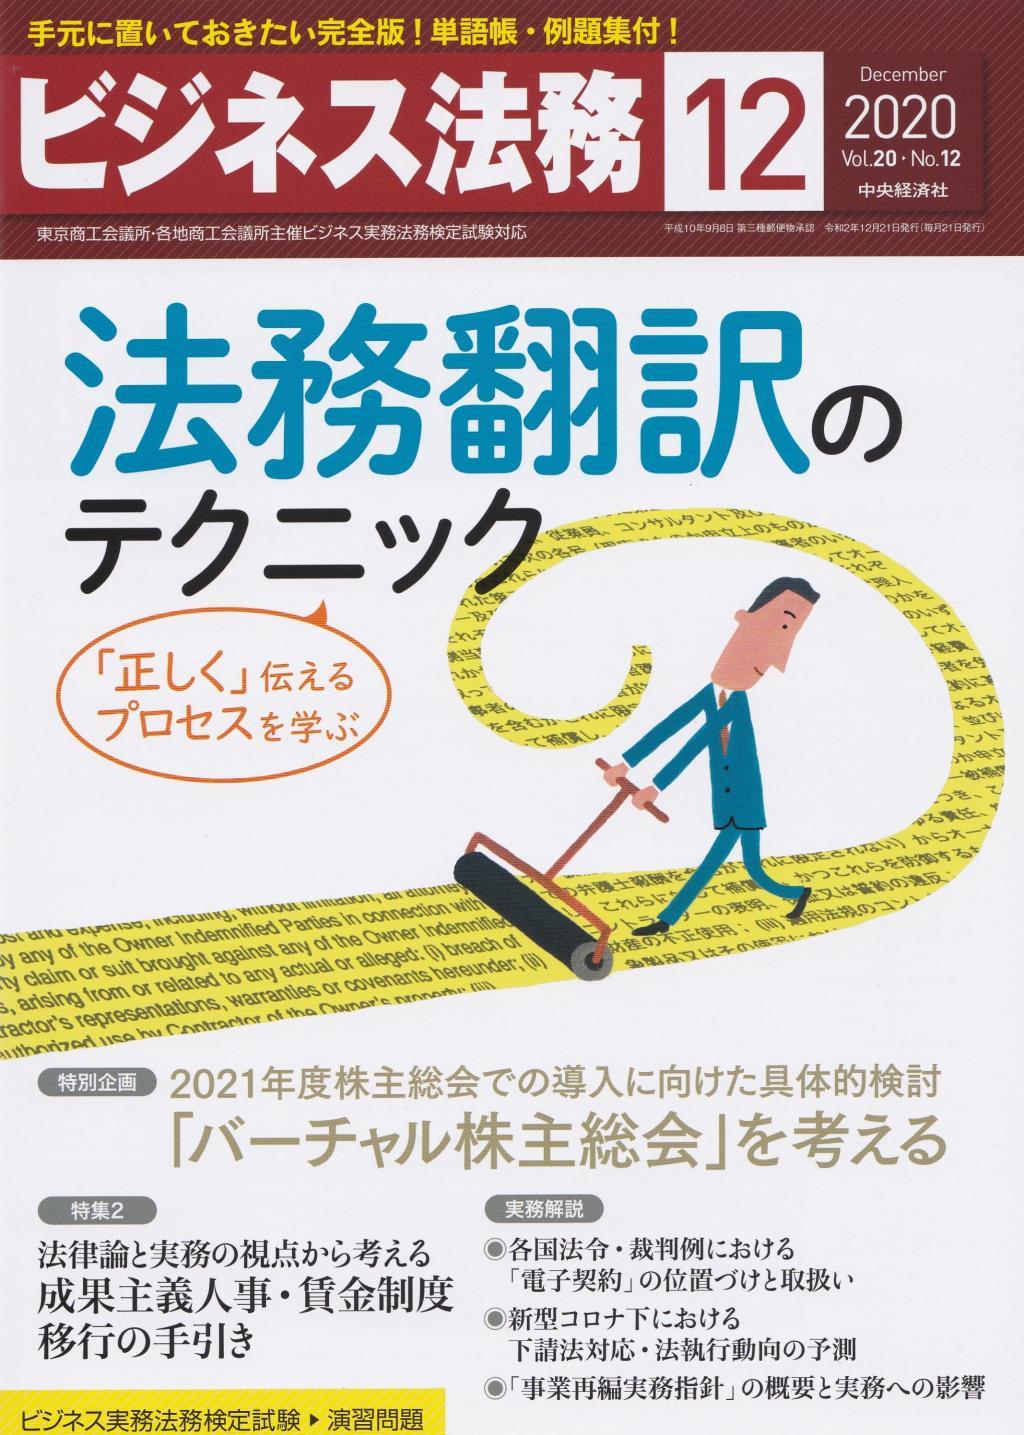 ビジネス法務 2020/12 Vol.20 No.12